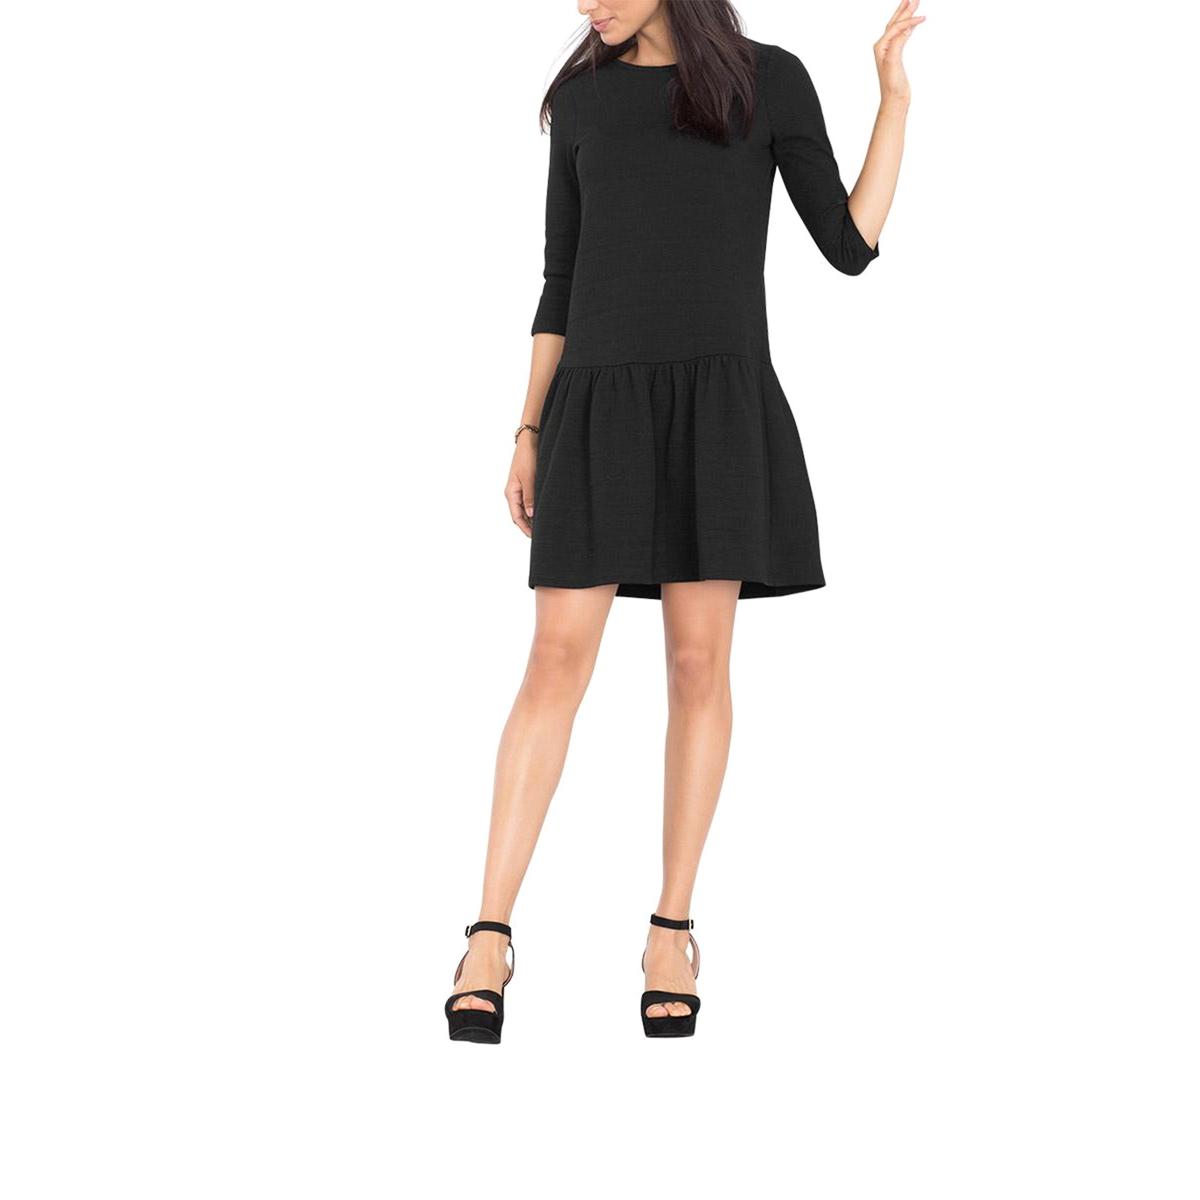 Платье расклешенное из рельефного трикотажаСостав и описаниеМатериал : 90% хлопка, 8% полистера, 2% эластанаМарка : EspritУходСледуйте инструкции по уходу на этикетке<br><br>Цвет: черный<br>Размер: M